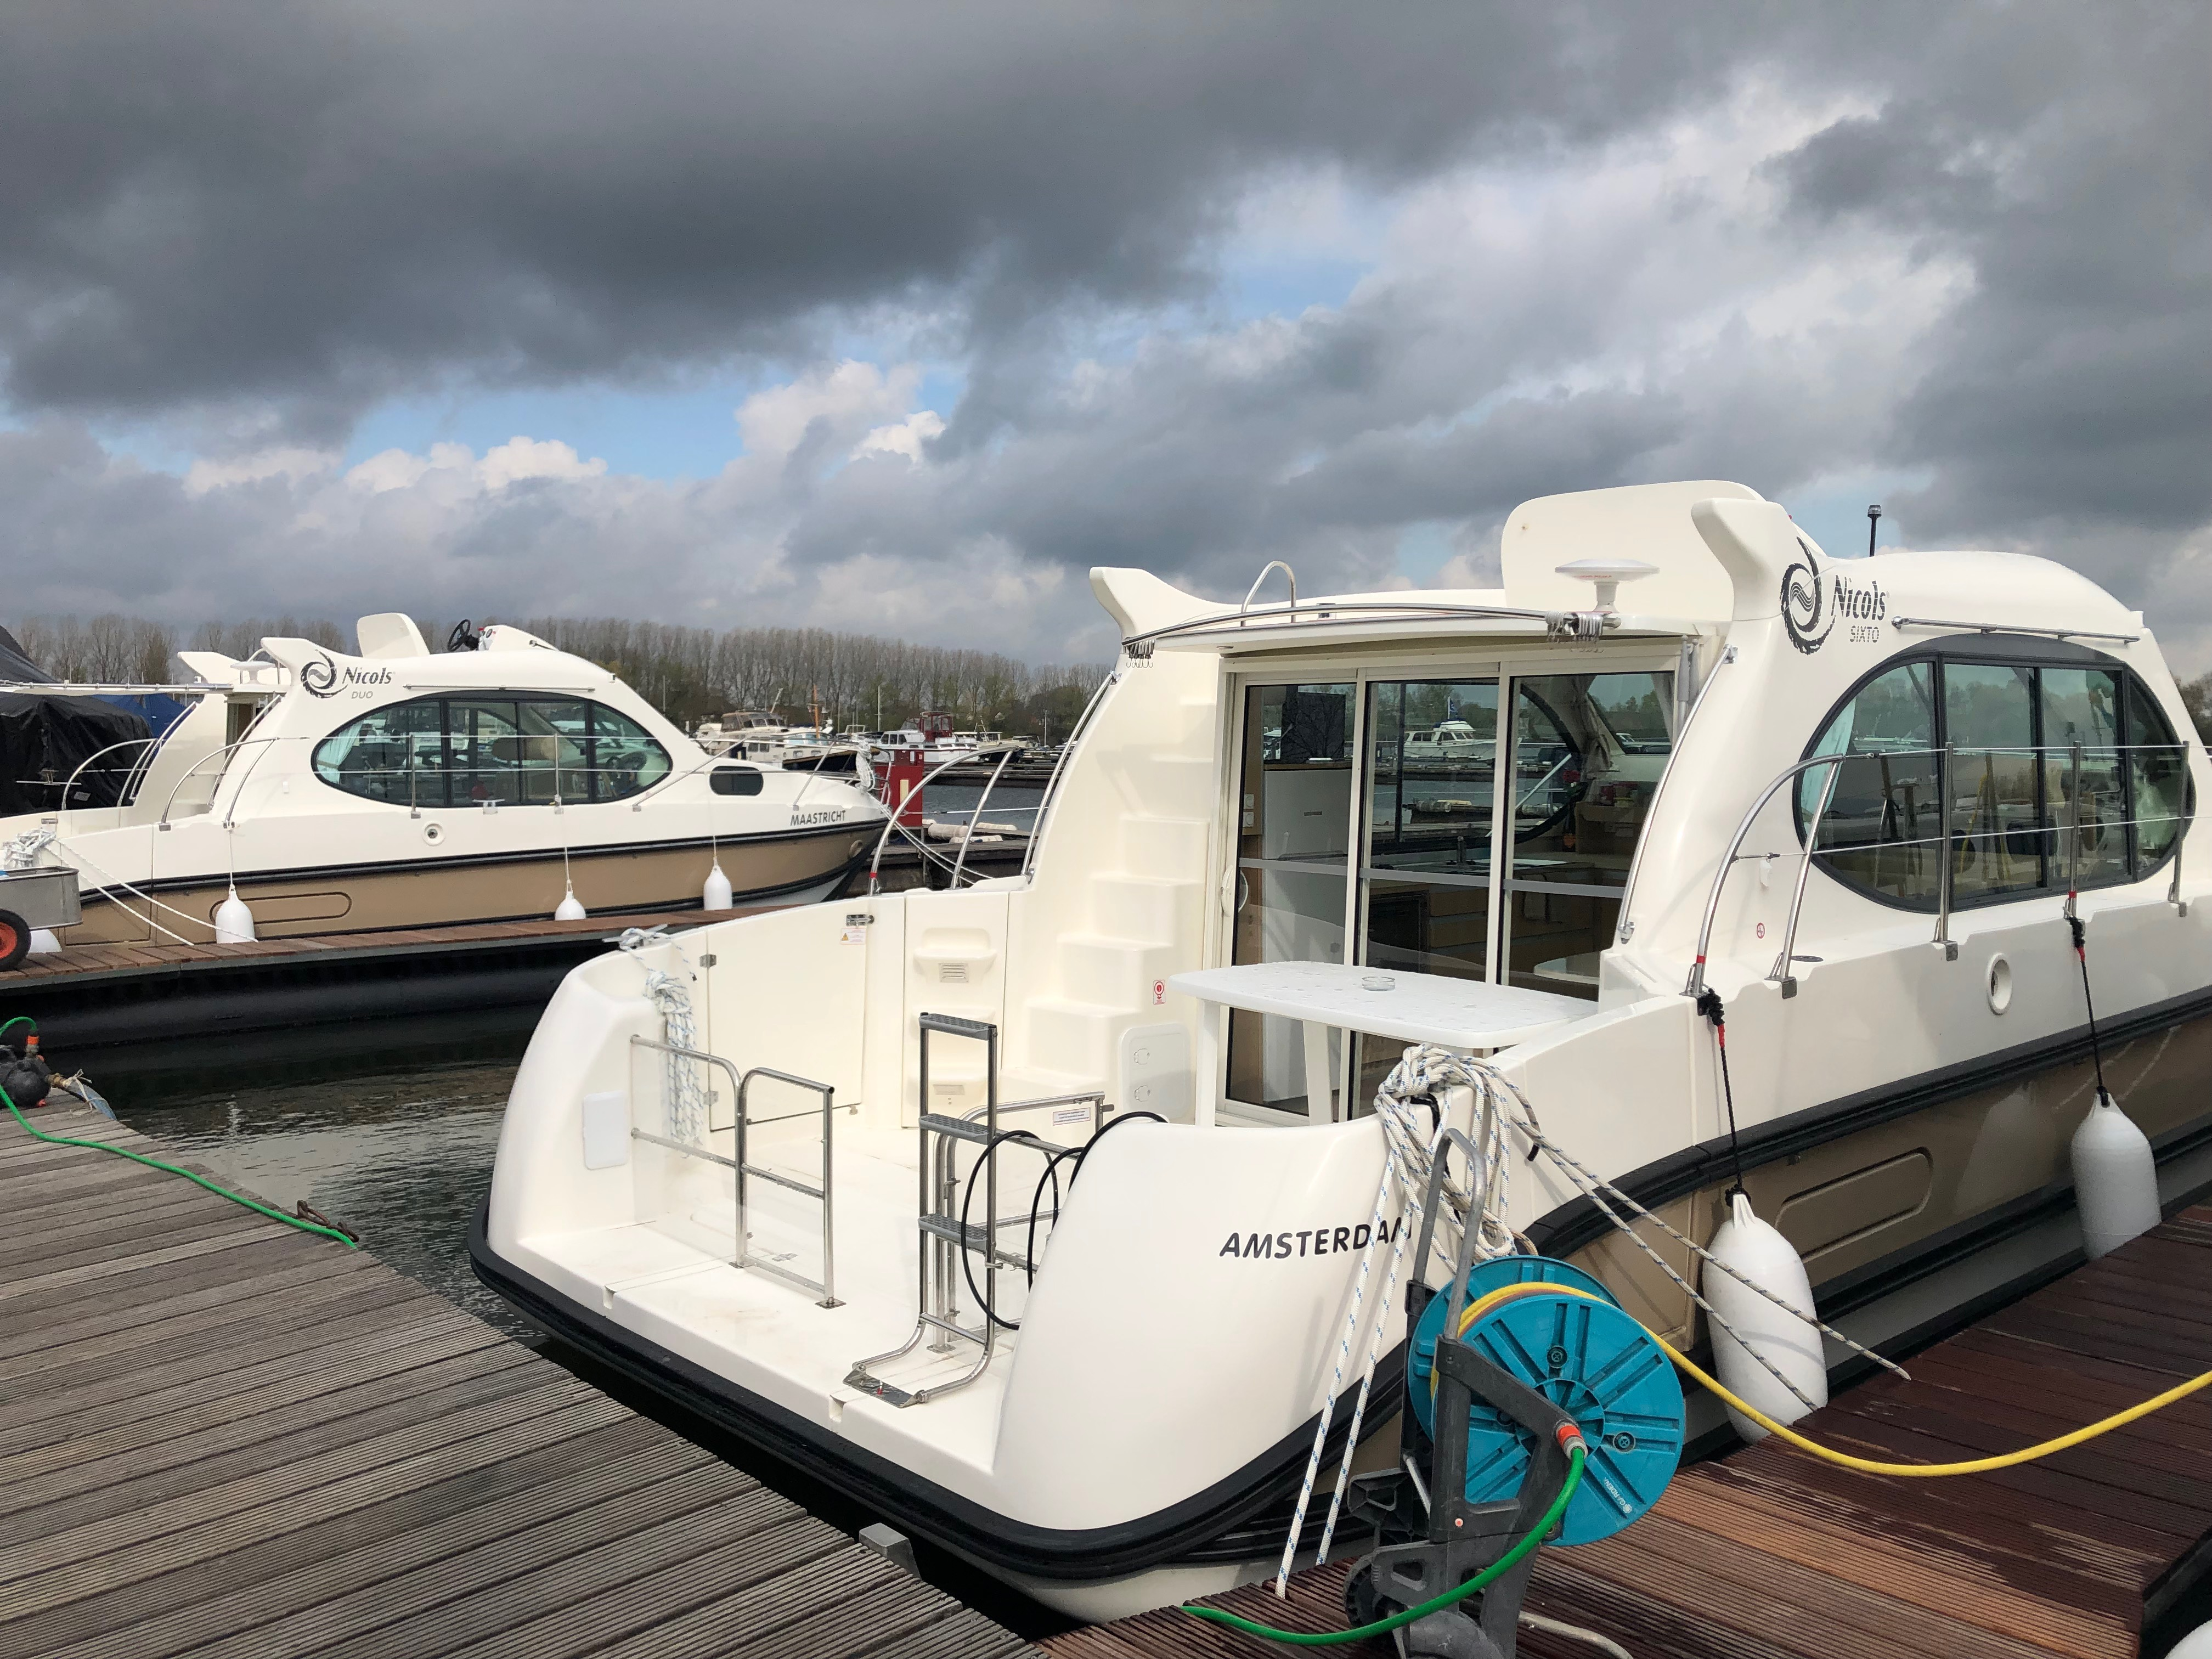 Nieuw in Nederland: kapitein van je eigen riviercruise